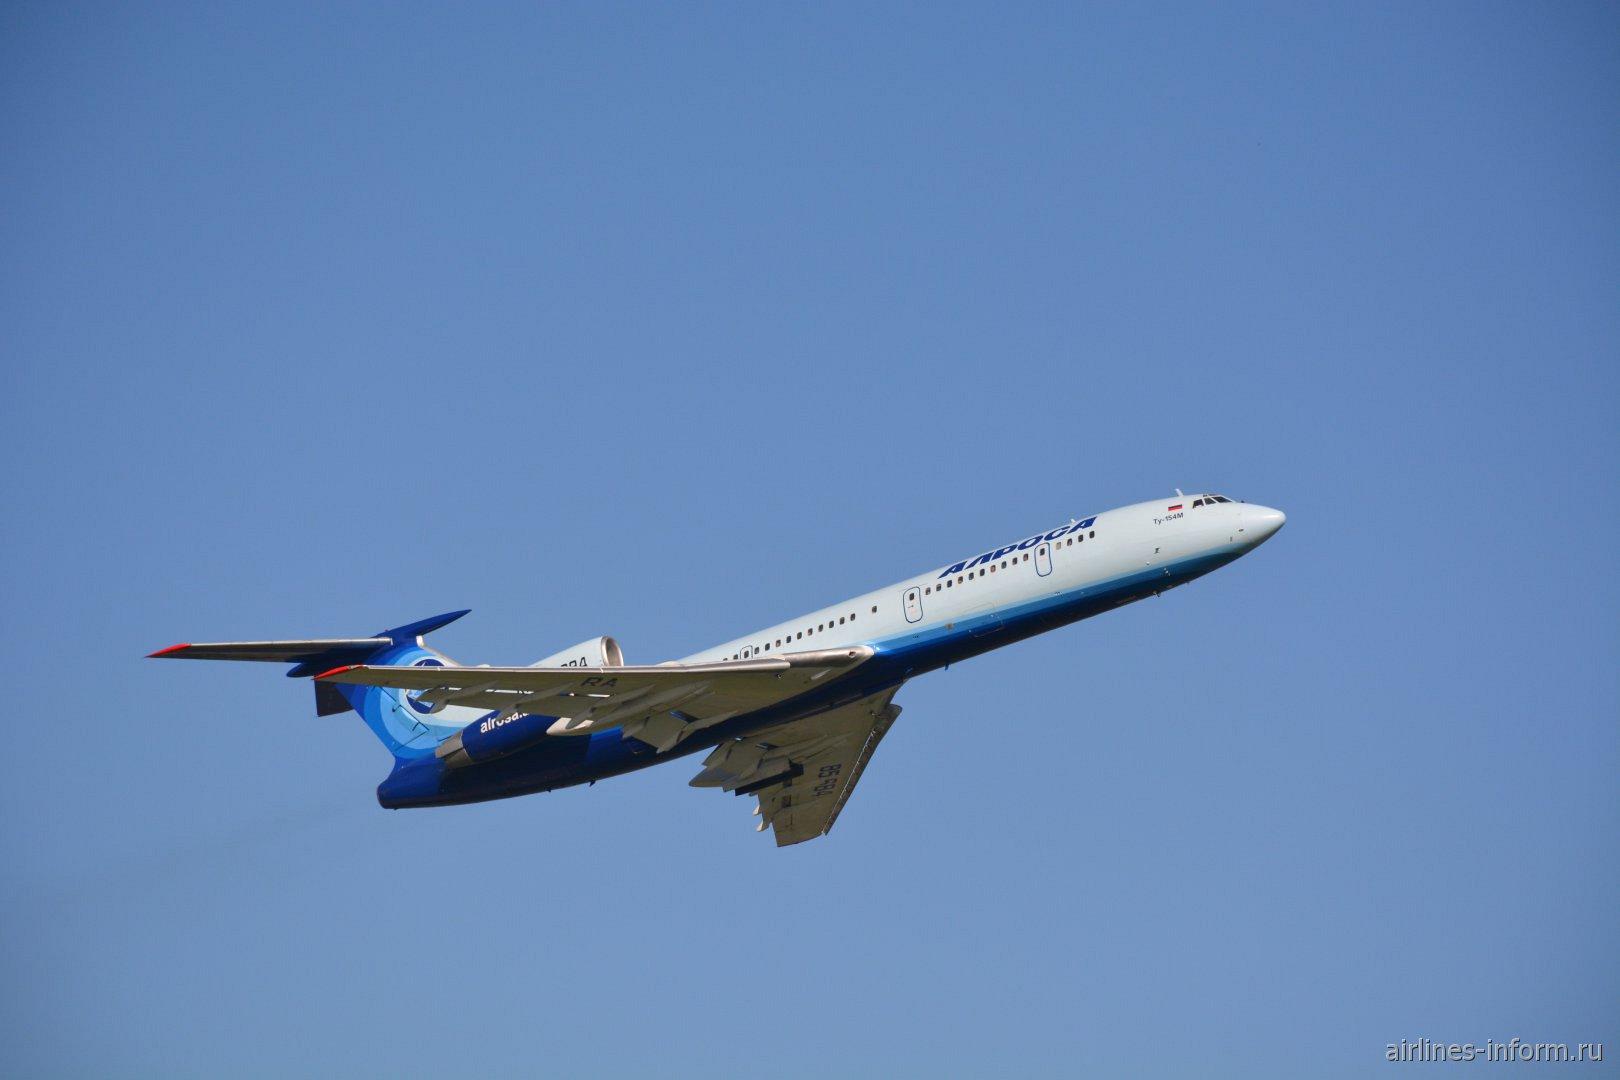 Взлет самолета Ту-154М RA-85684 из аэропорта Сочи